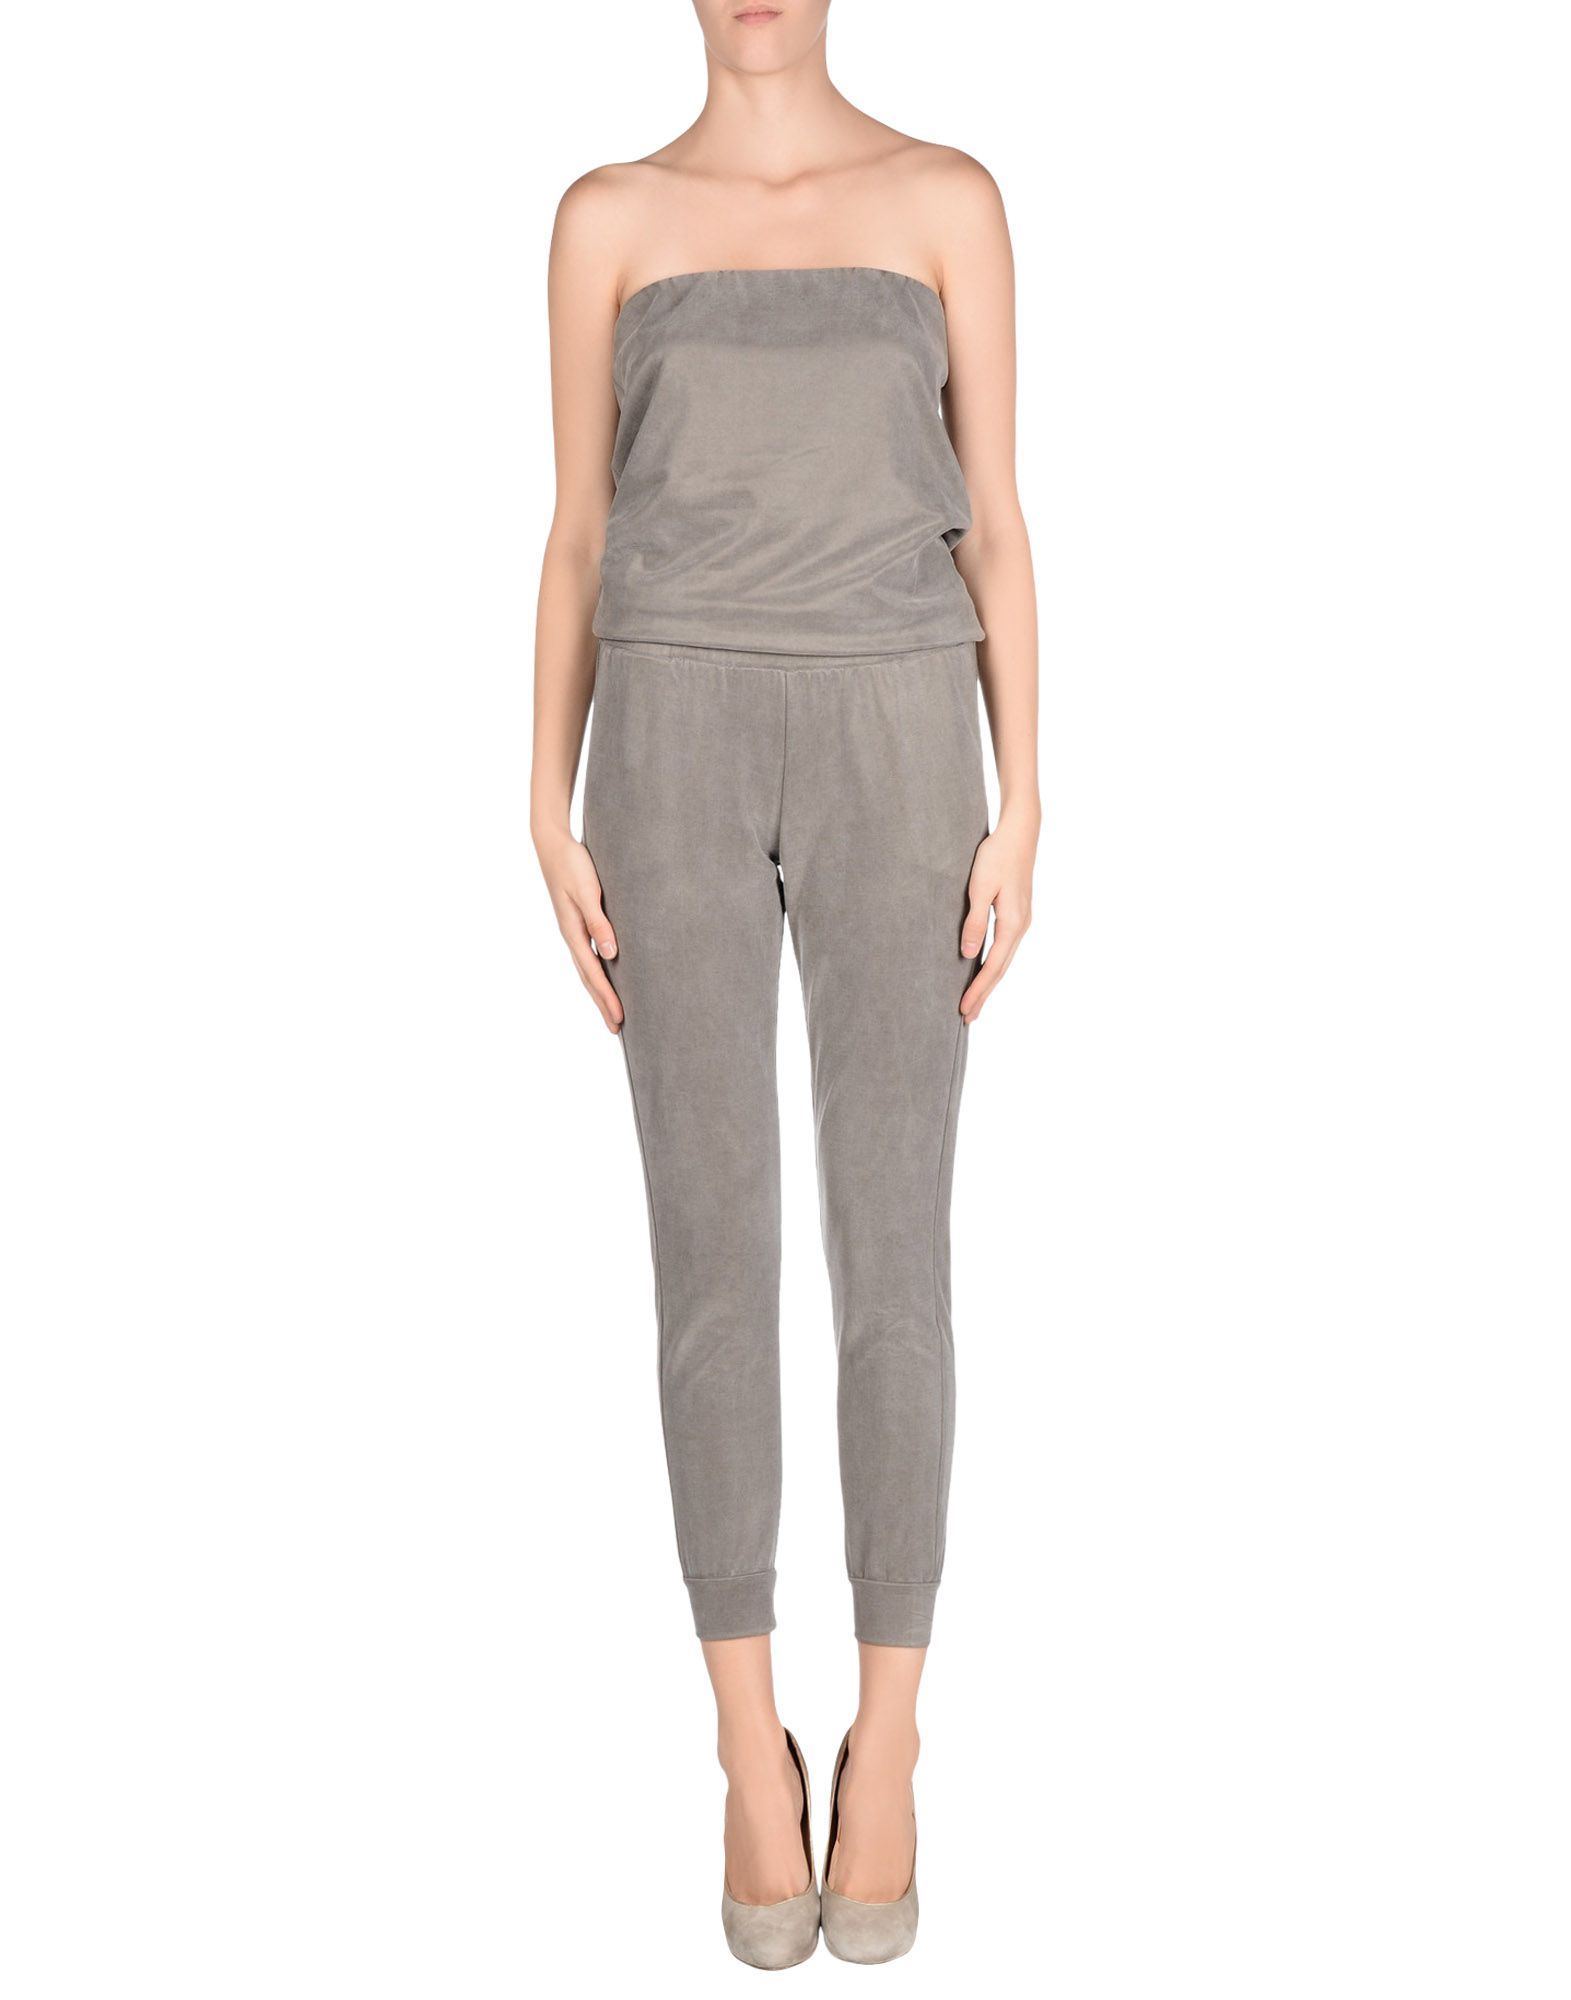 siste s джинсовые шорты SISTE' S Комбинезоны без бретелей